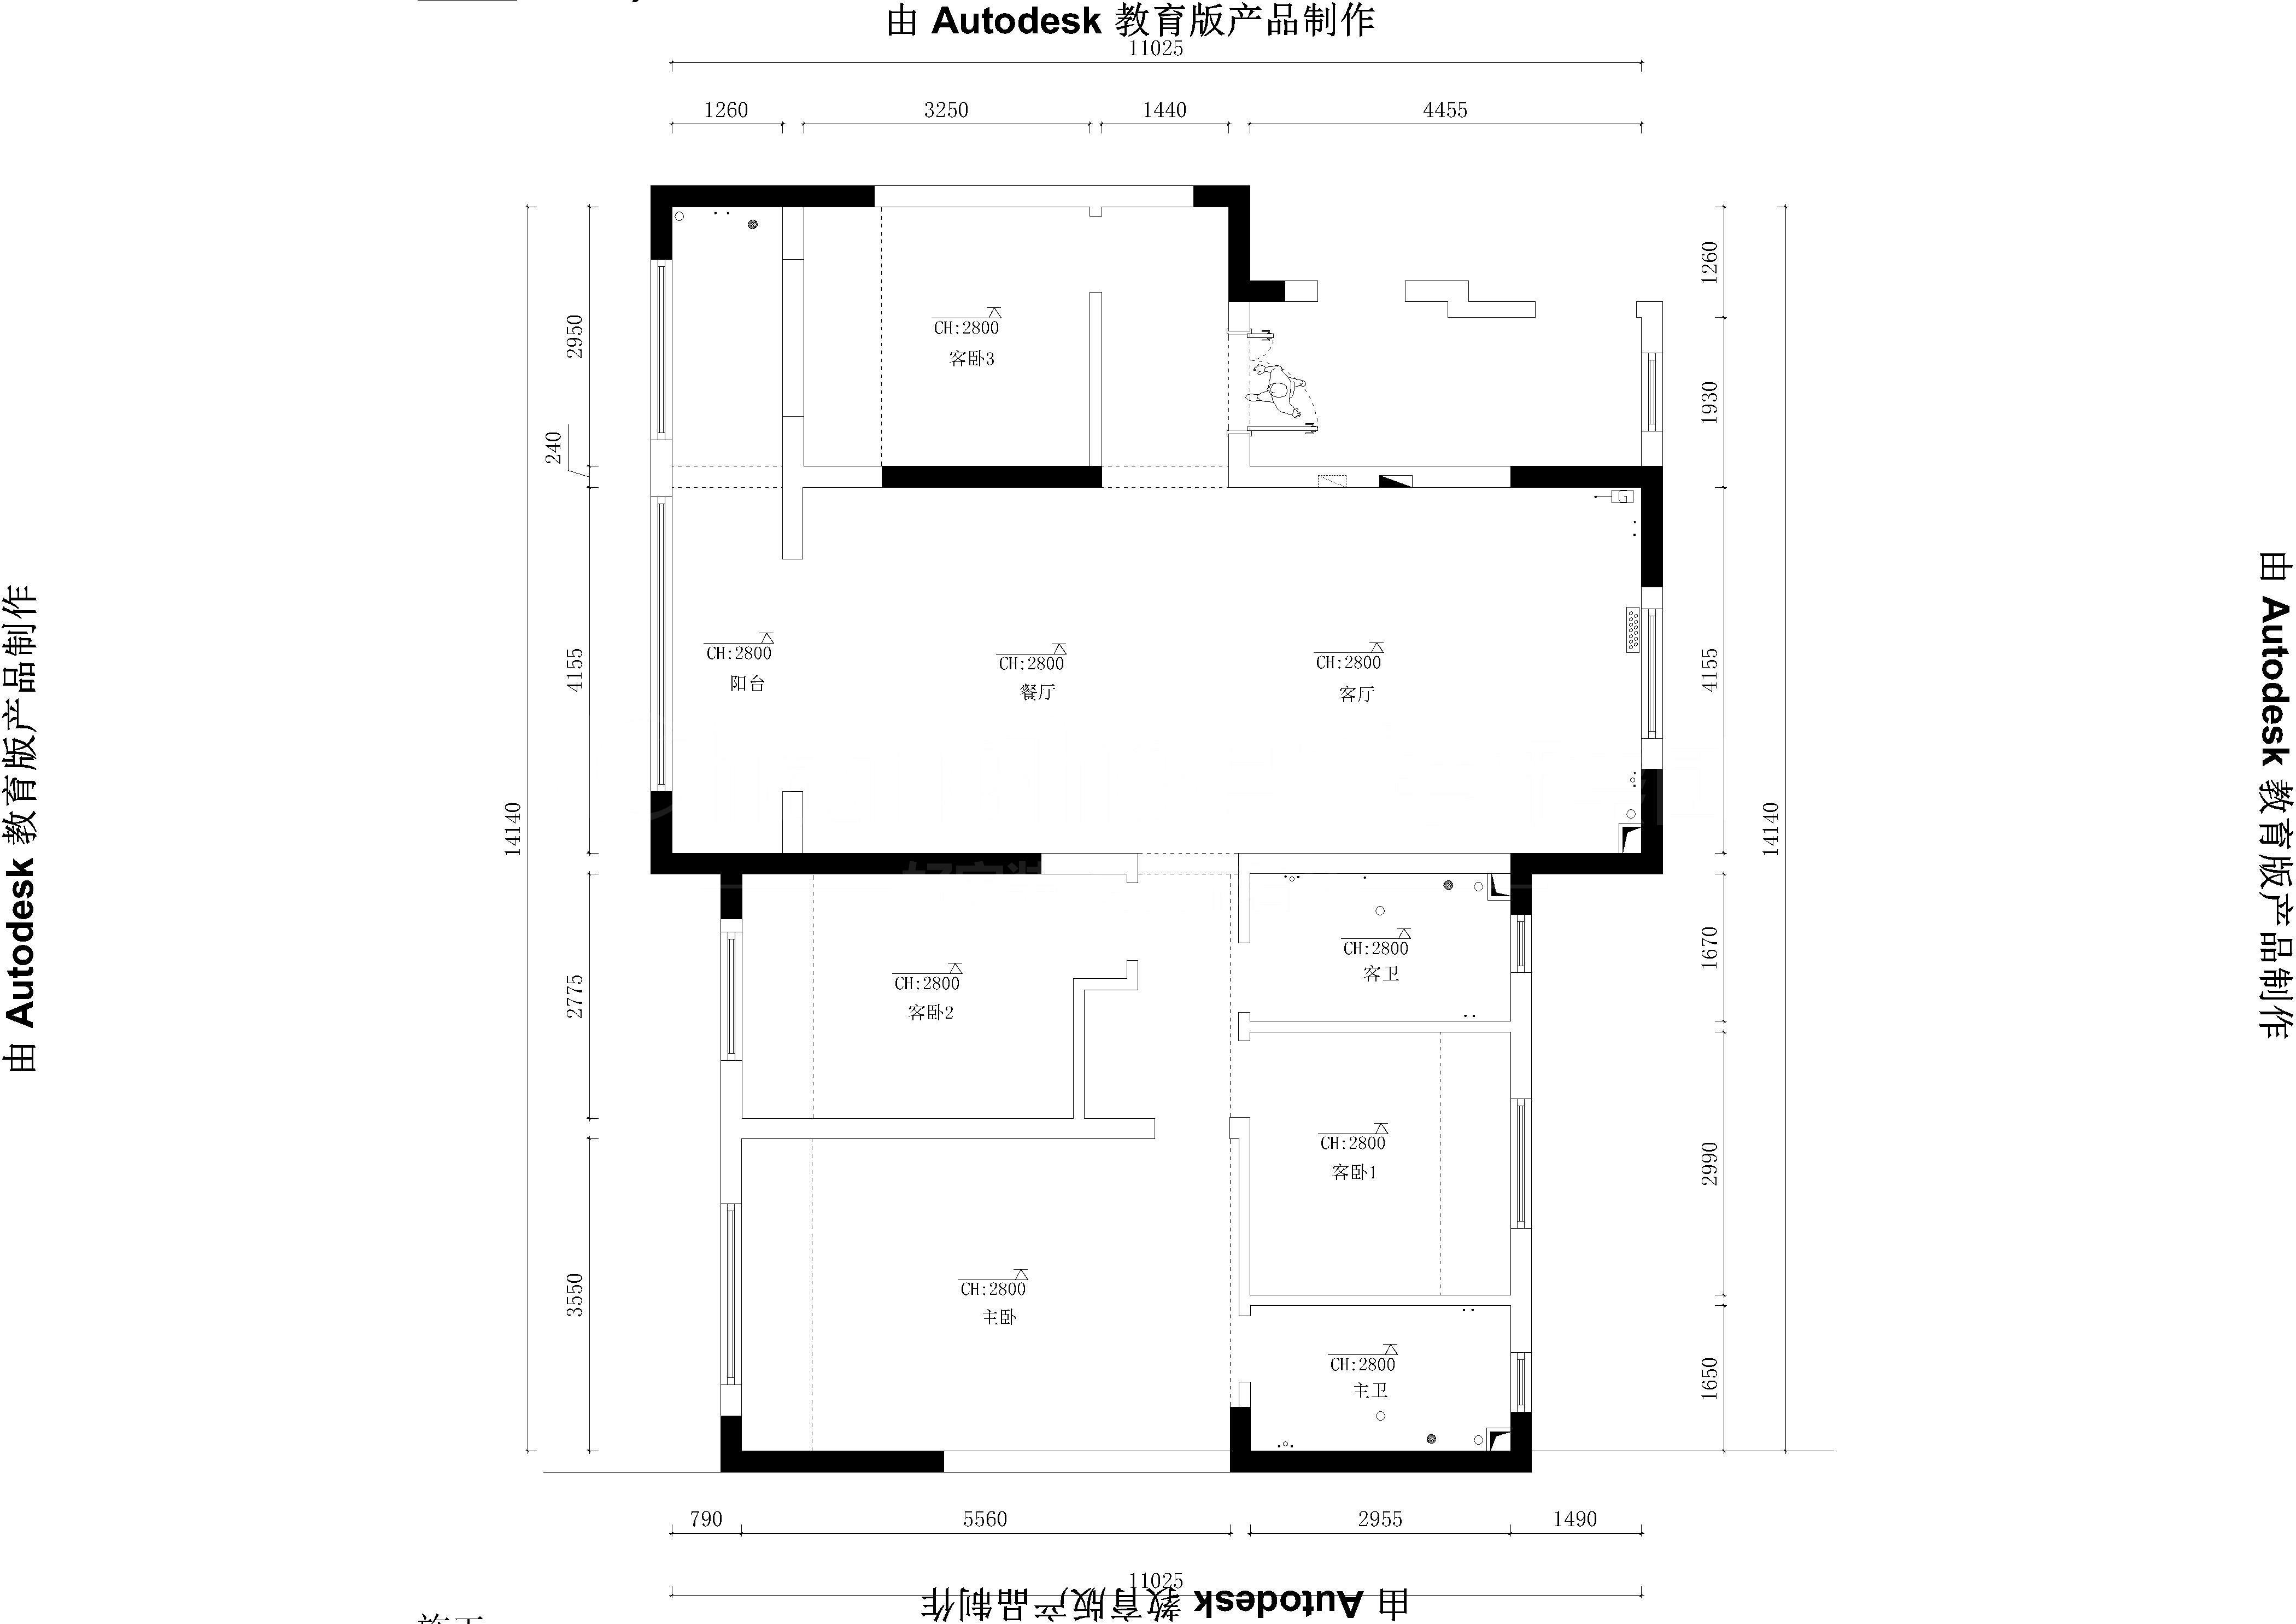 中海伯悦公馆-Model原始施工图